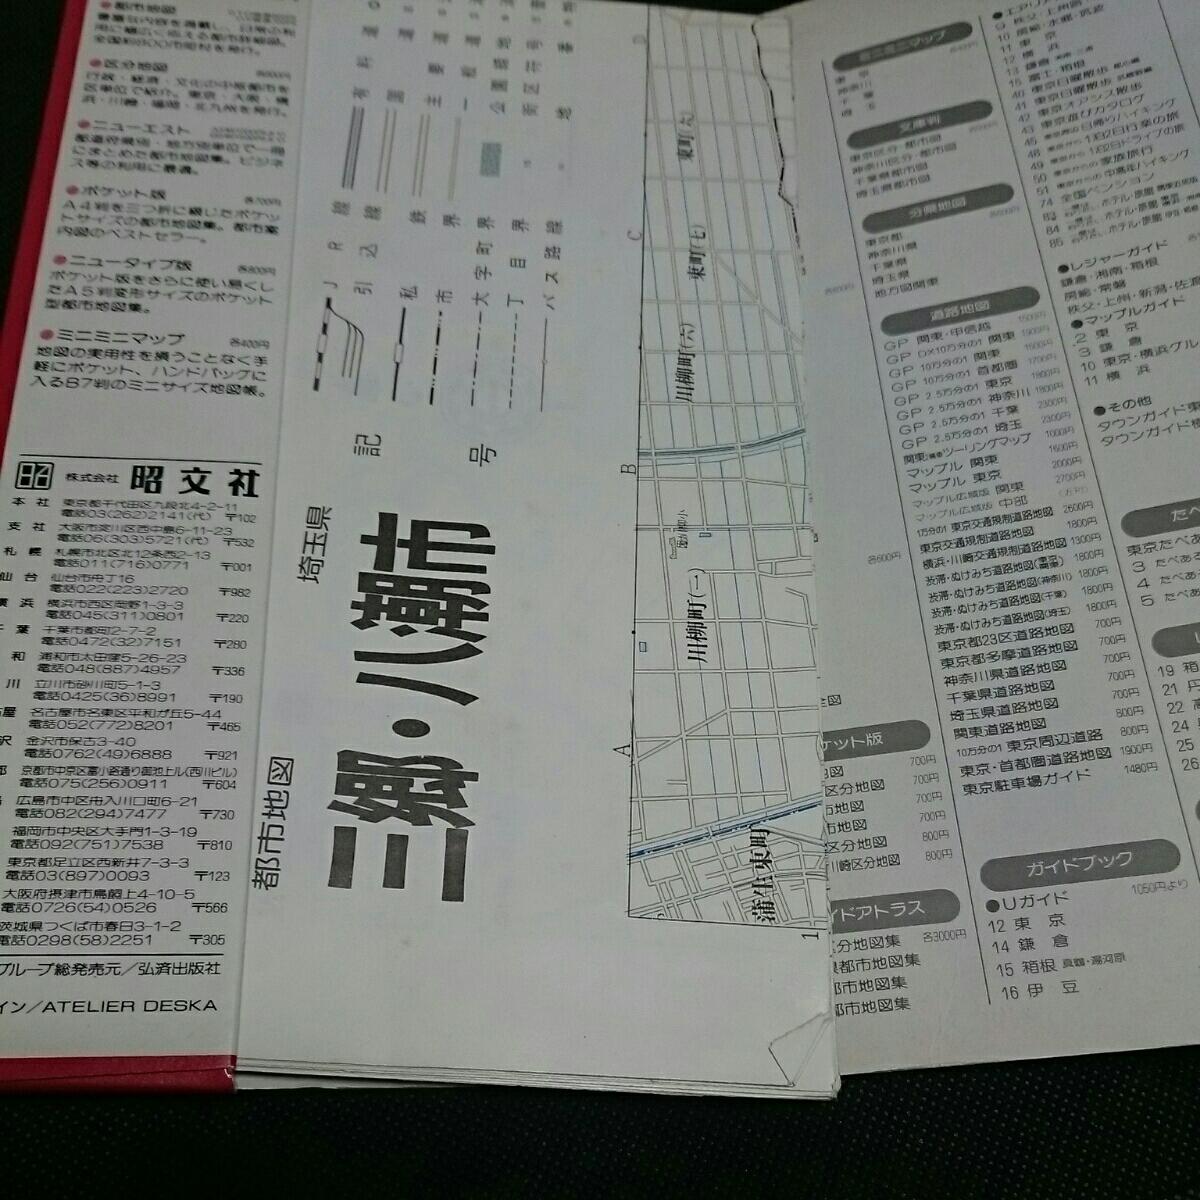 『エアリアマップ昭文社三郷市八潮市』4点送料無料古い地図多数出品_画像2